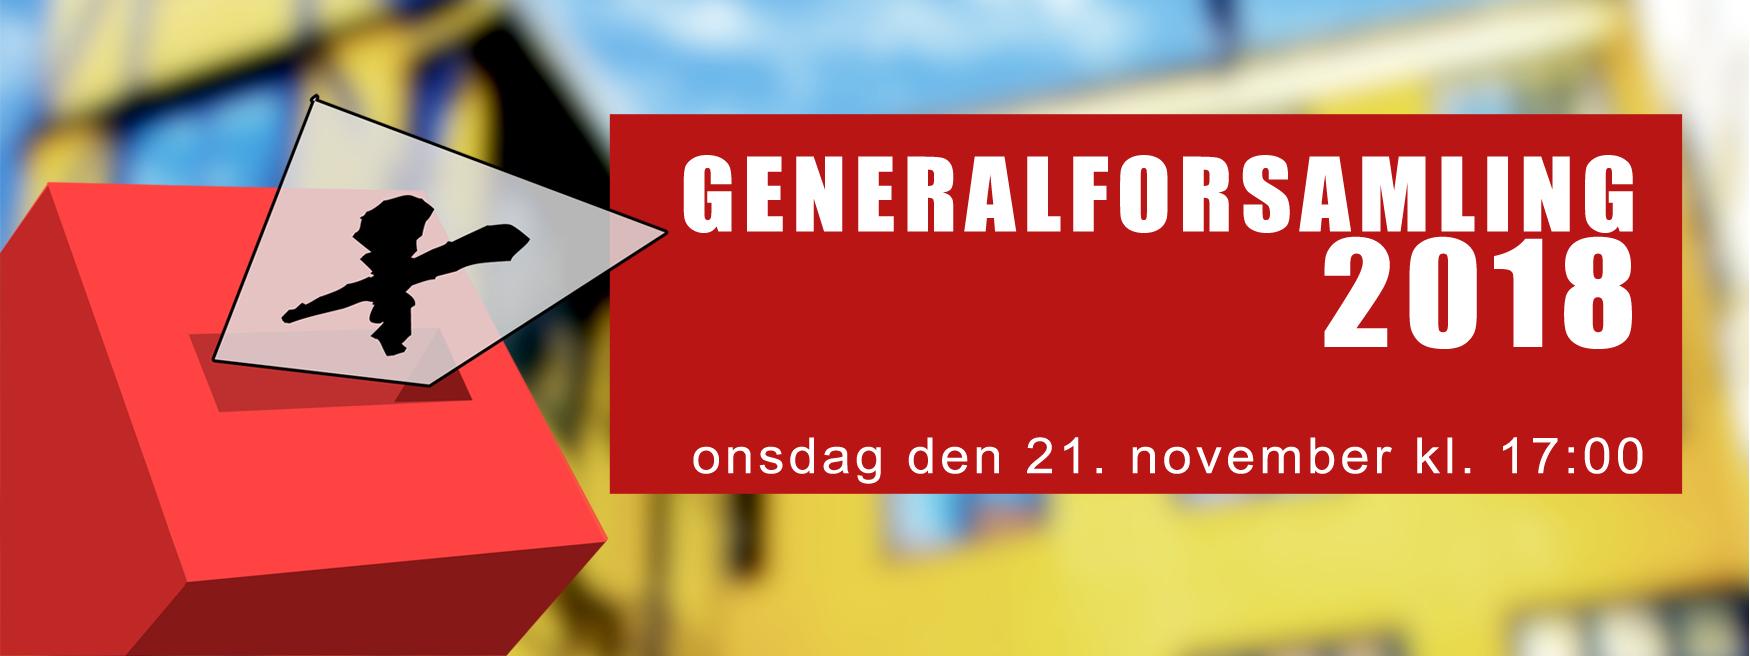 Generalforsamling-2018